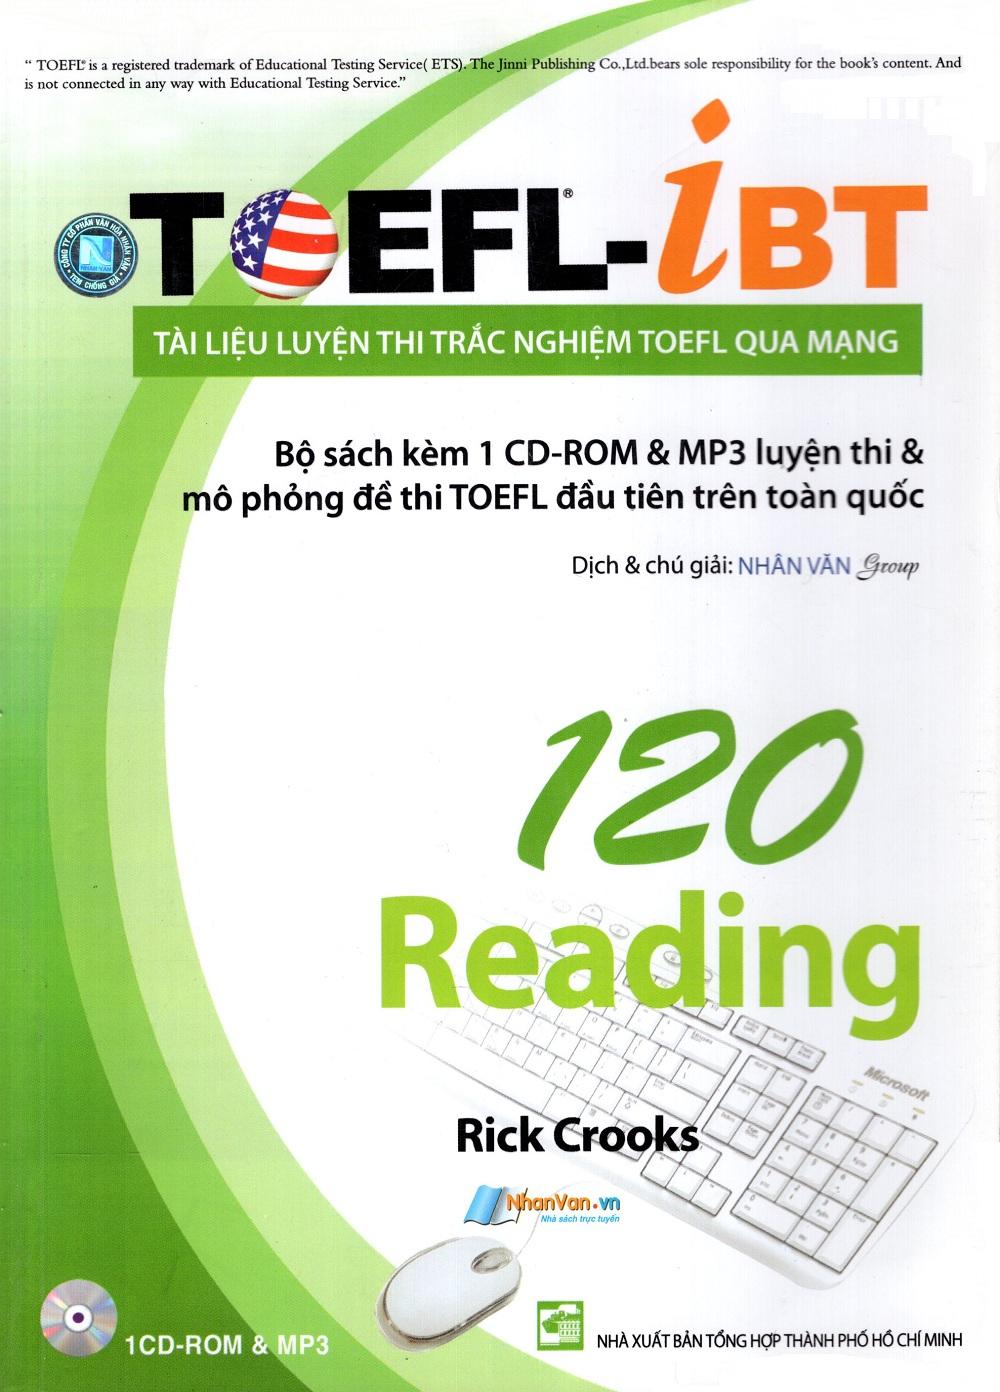 Bìa sách Tài Liệu Luyện Thi Trắc Nghiệm TOEFL Qua Mạng - 120 Reading (Kèm 1 CD)